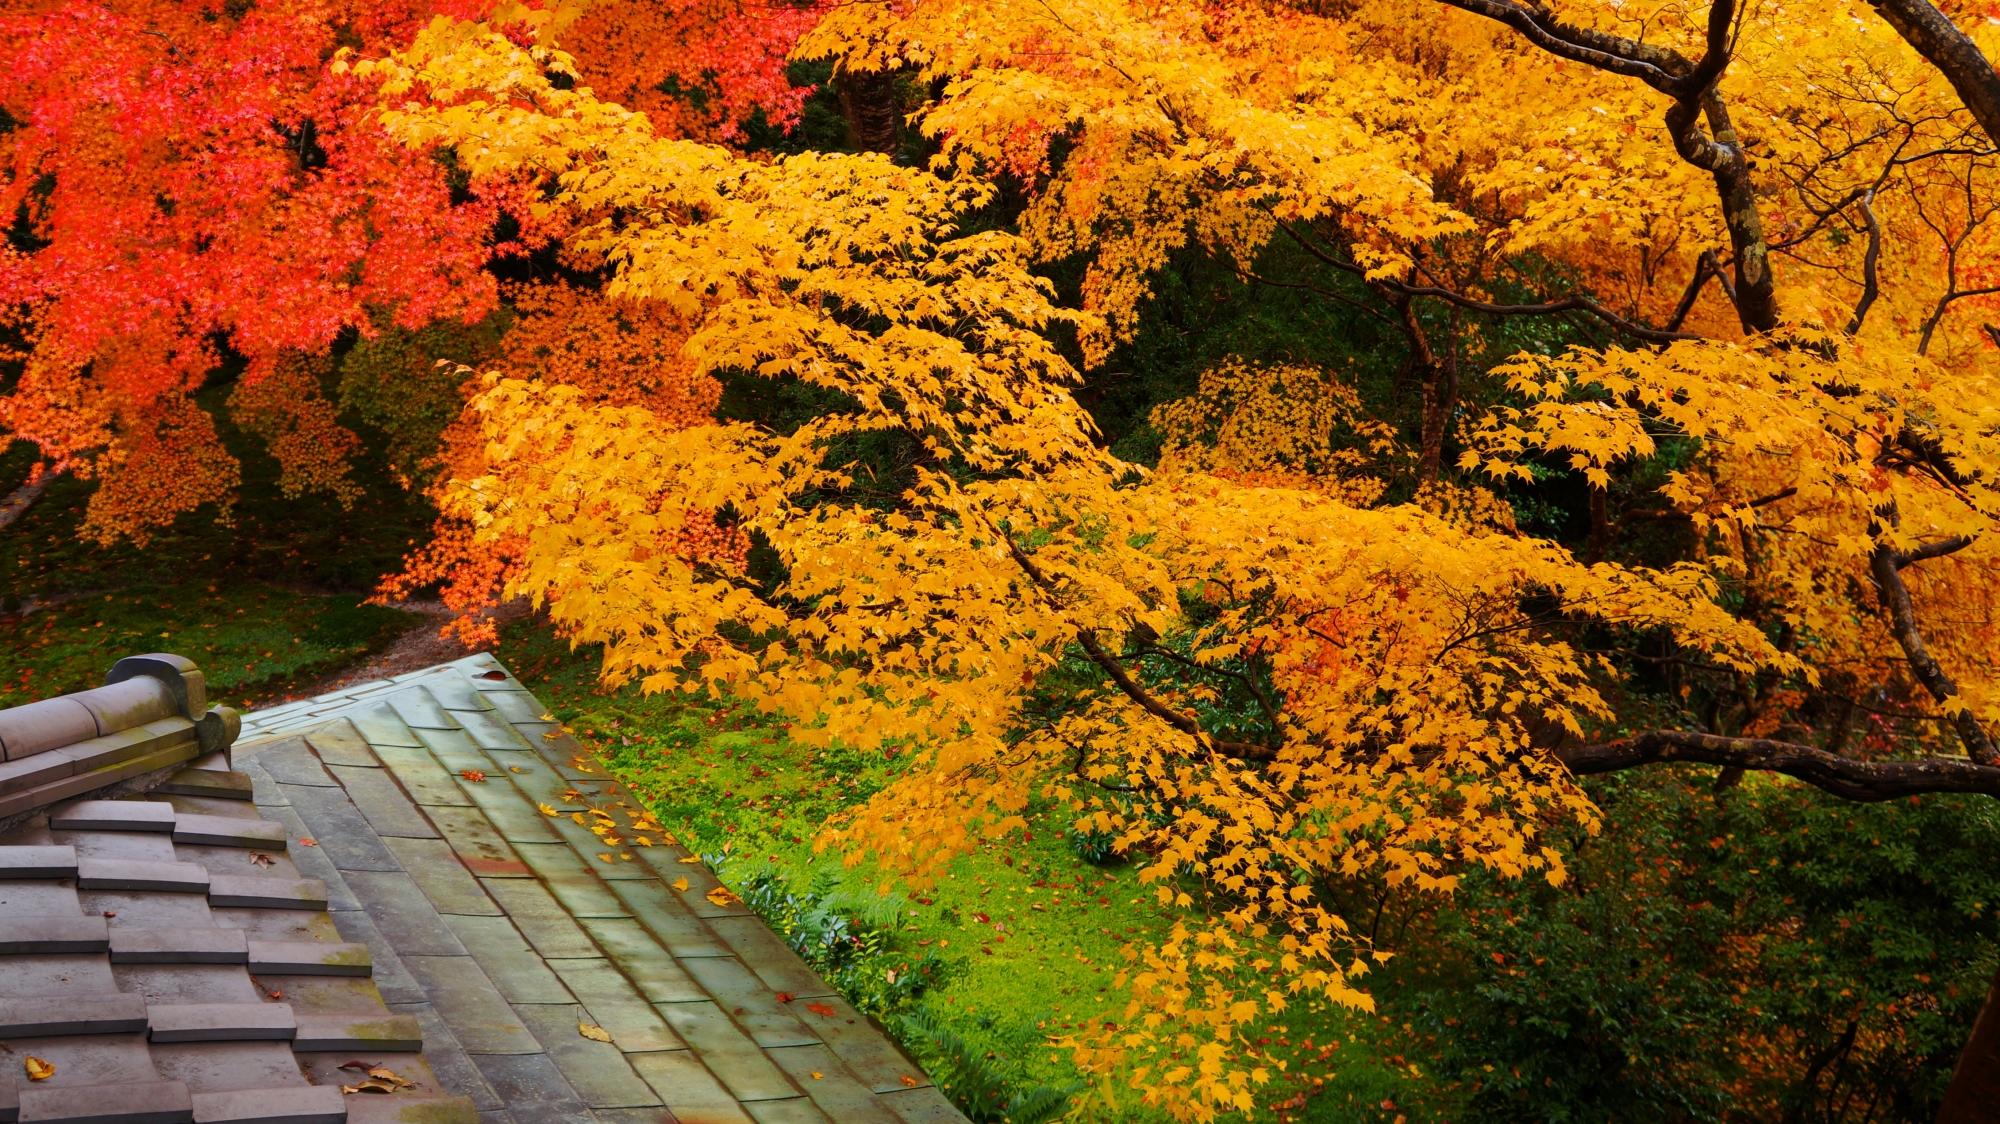 瑠璃光院の重なる赤い紅葉と黄色い紅葉